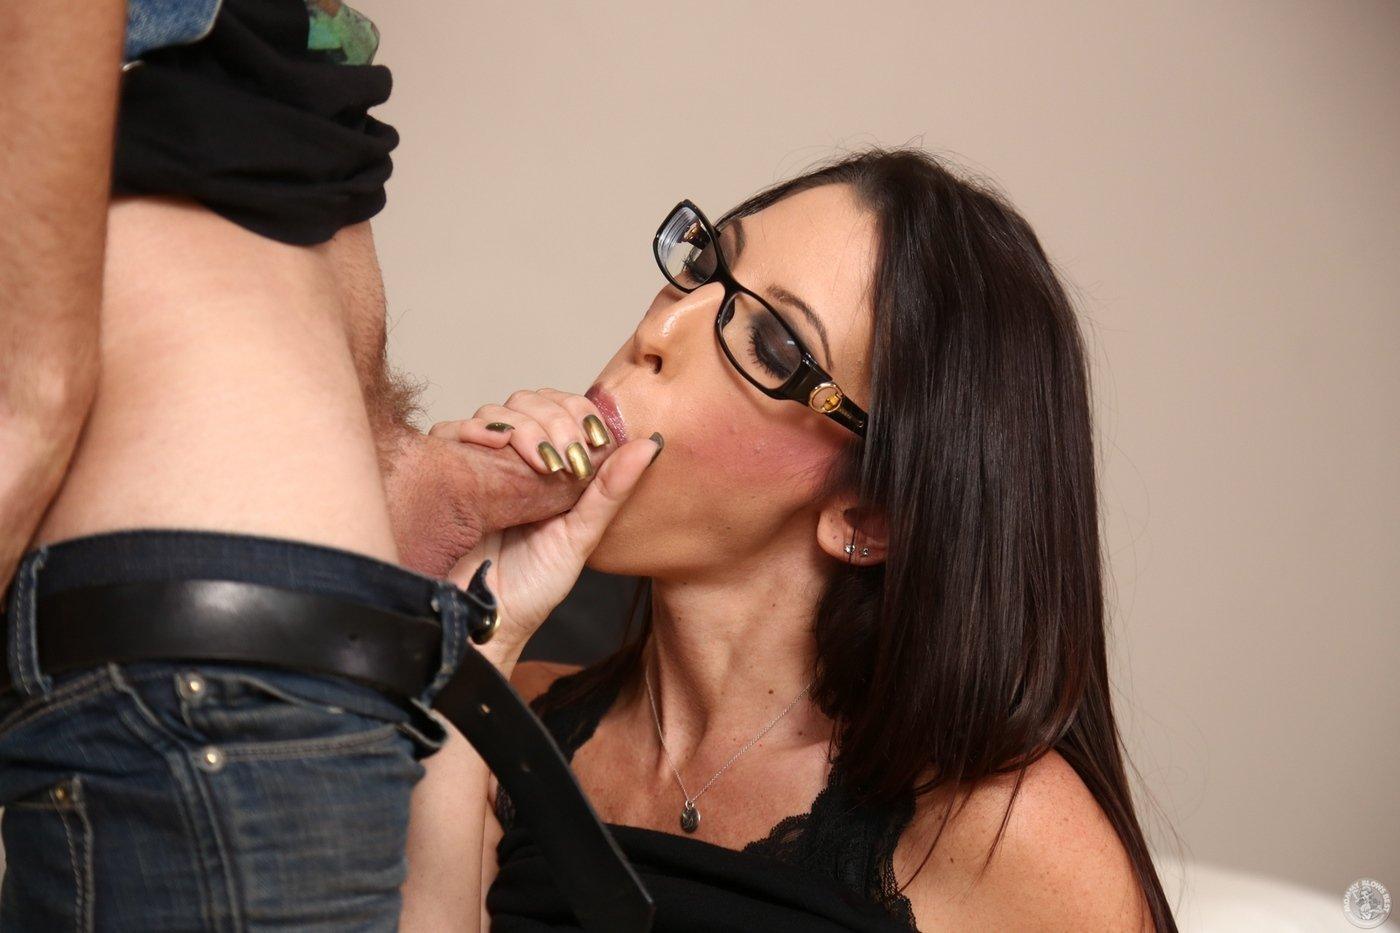 Нимфоманка Jay Taylor нацепила очки и отсосала пенис порно фото бесплатно